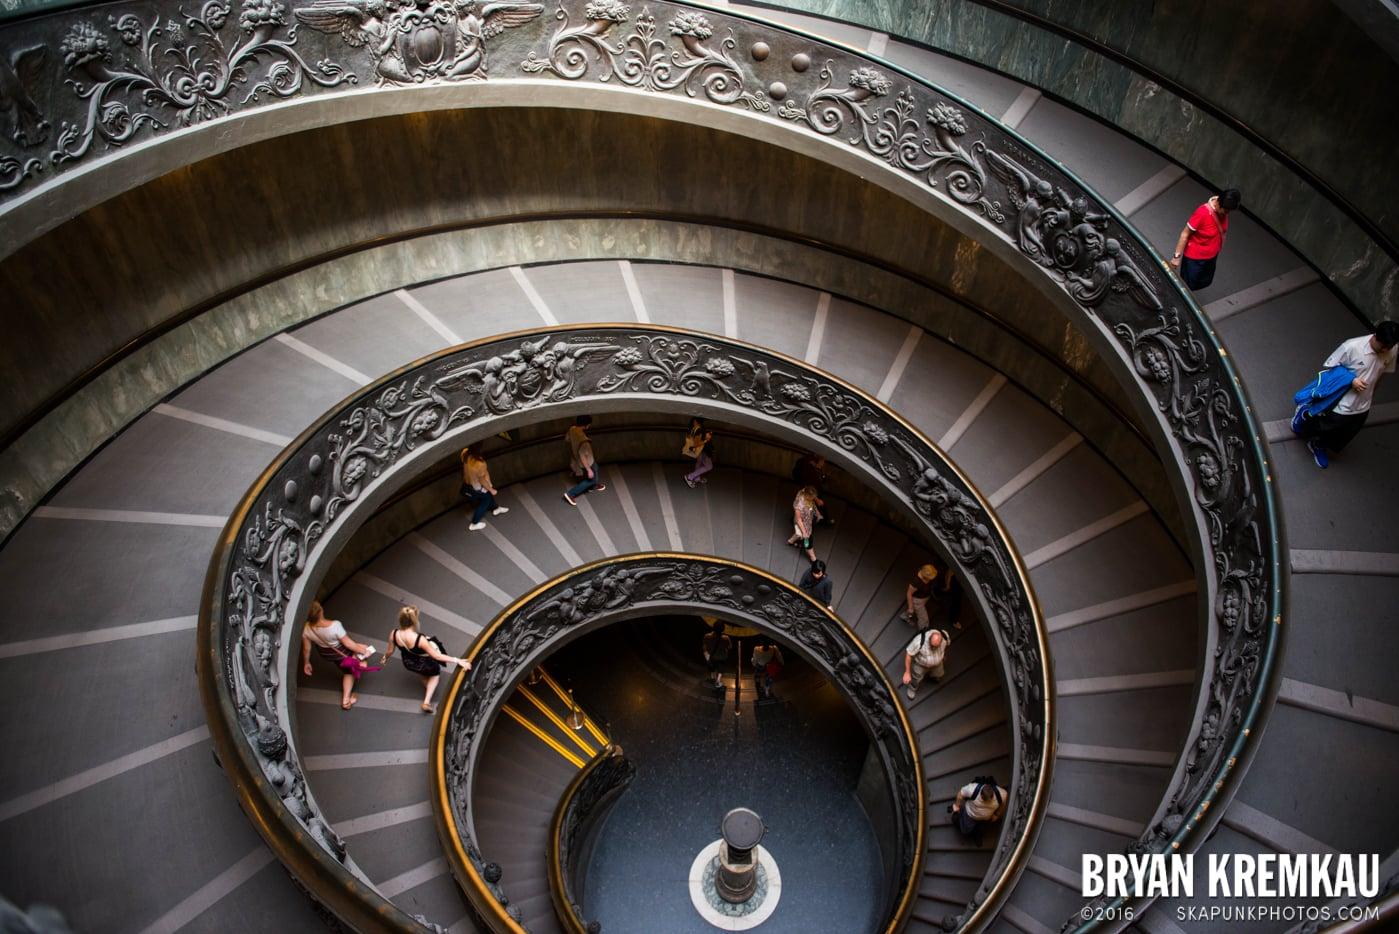 Italy Vacation - Day 3: Rome - 9.11.13 (36)